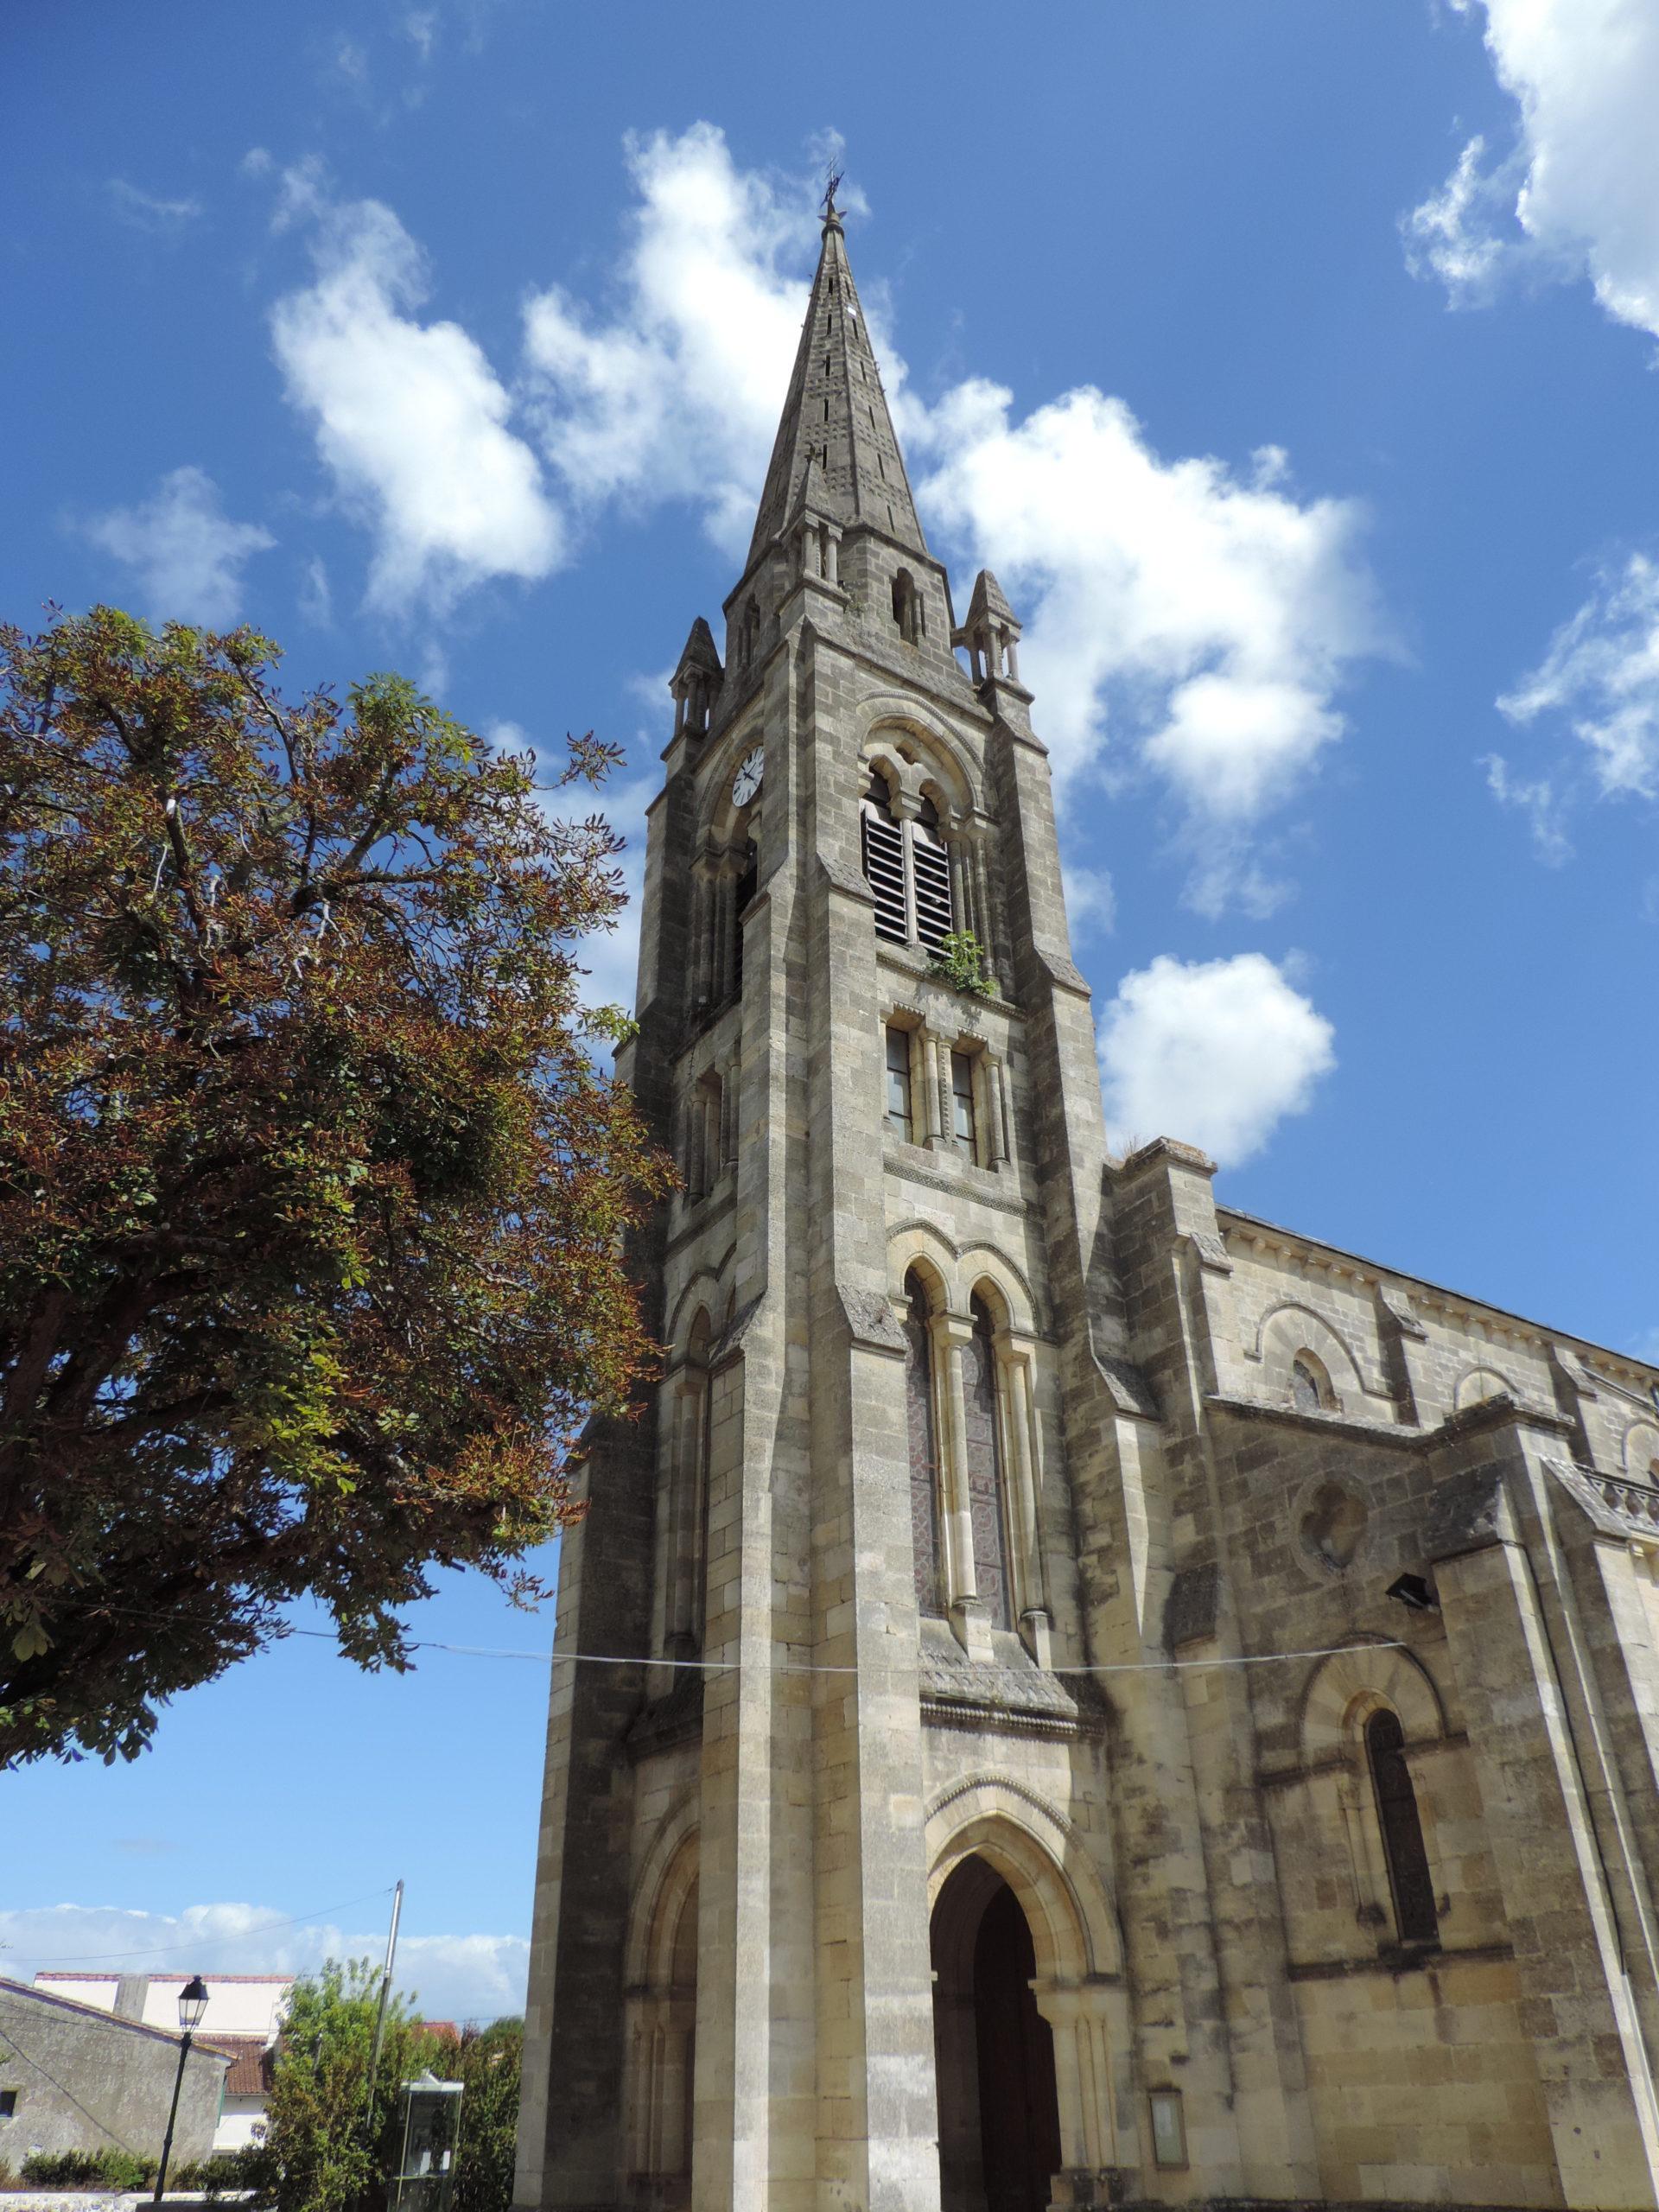 Eglise Saint-Brice de Saint-Yzans-de-Médoc Saint-Yzans-de-Médoc